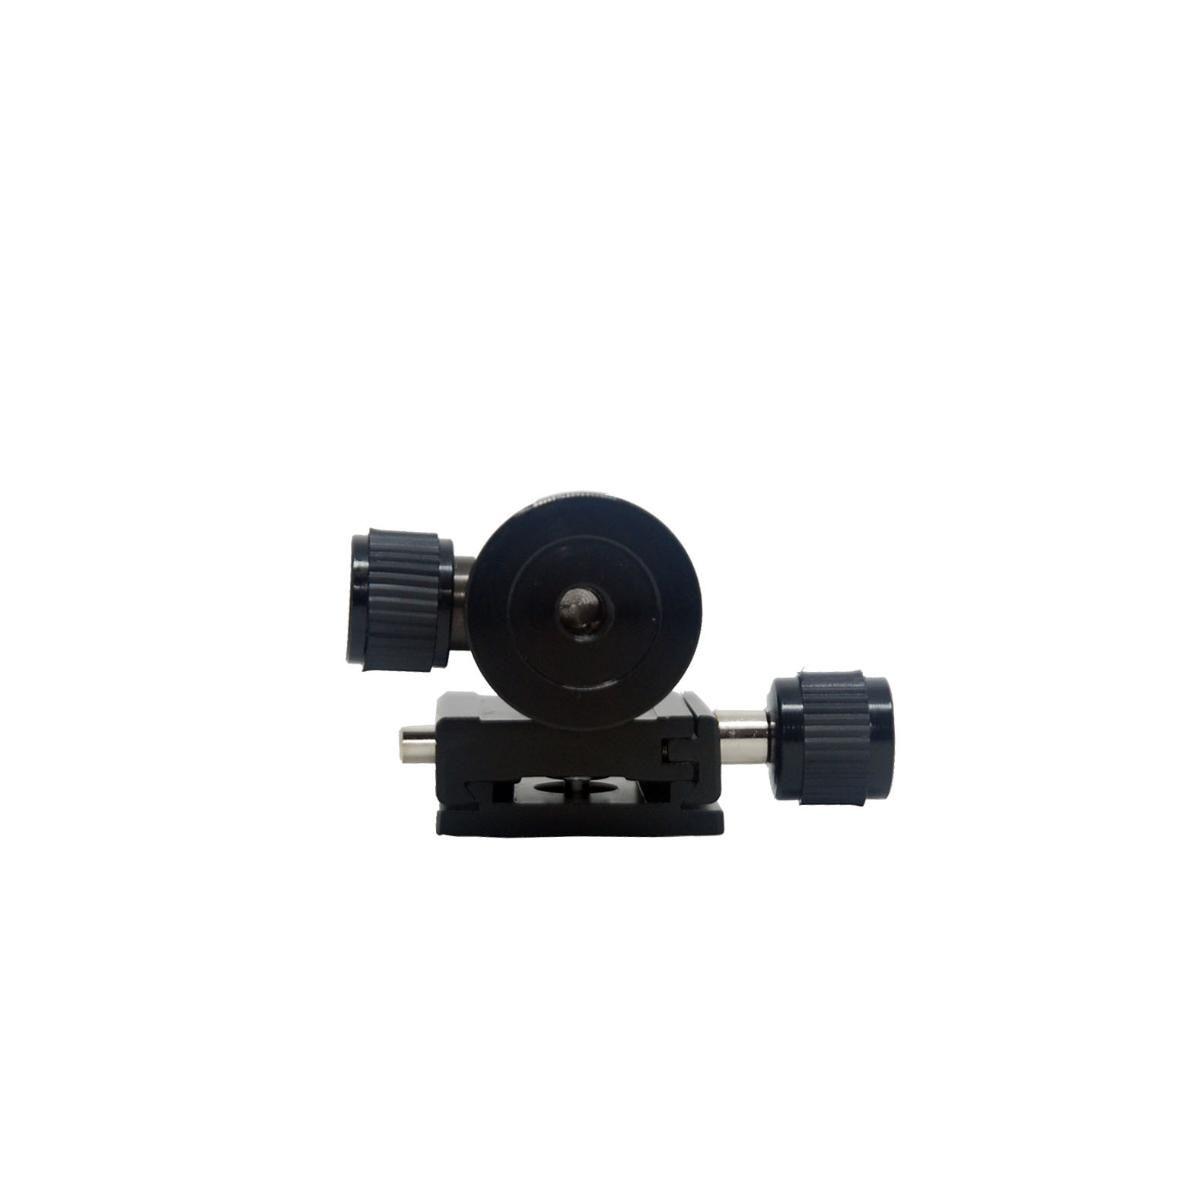 Cabeça Ball Head Equifoto Psyche 006H-2 para Tripés. Monopés ou Sliders